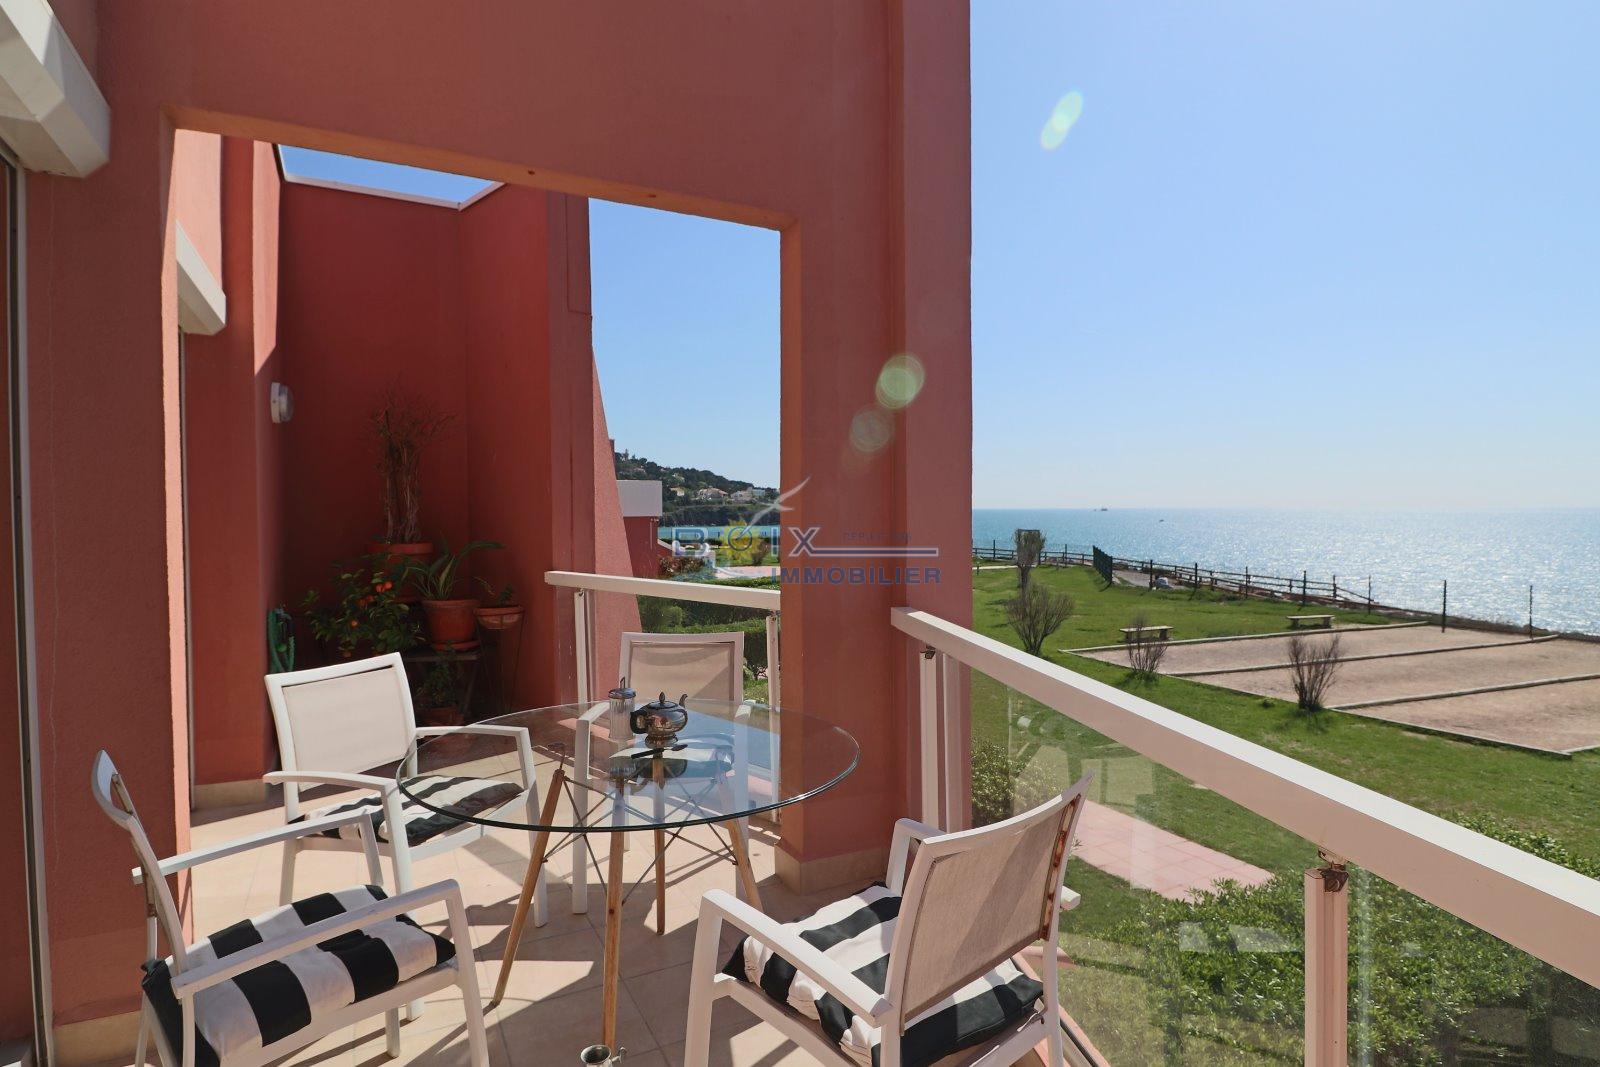 vente 2 studios terrasse dans r sidence en bord de mer. Black Bedroom Furniture Sets. Home Design Ideas